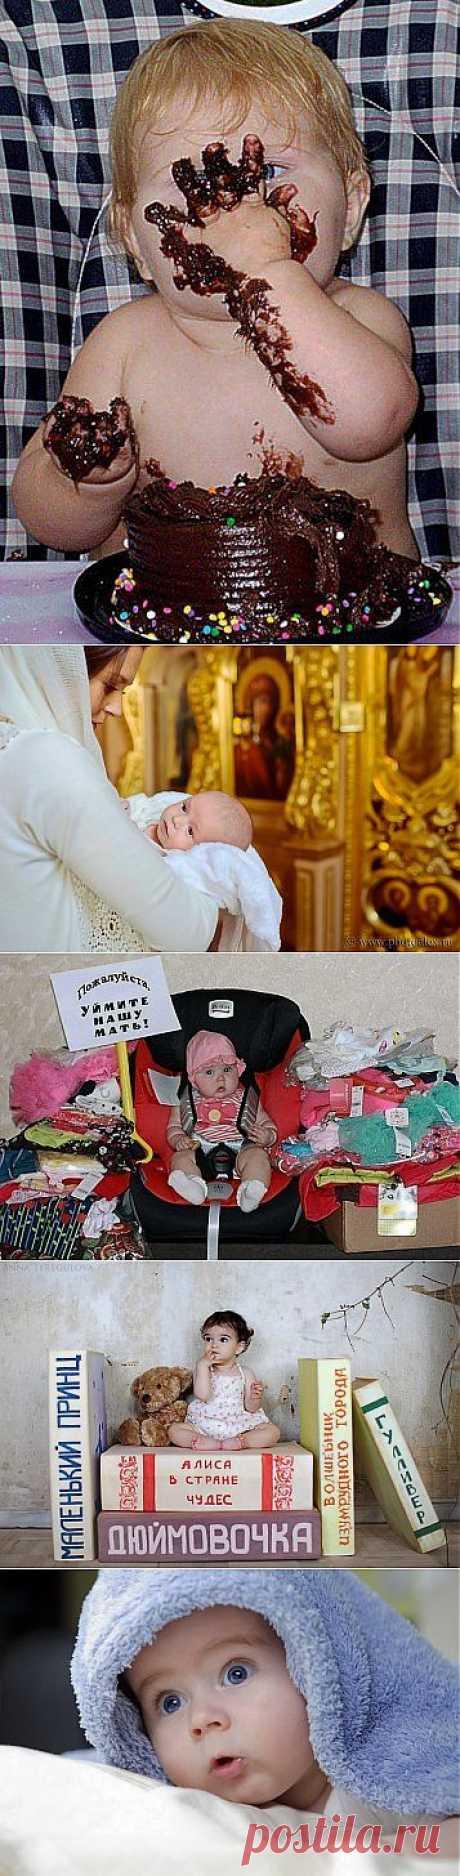 (+1) тема - Истинное счастье на планете))) Наши дети)))) | О наших детях